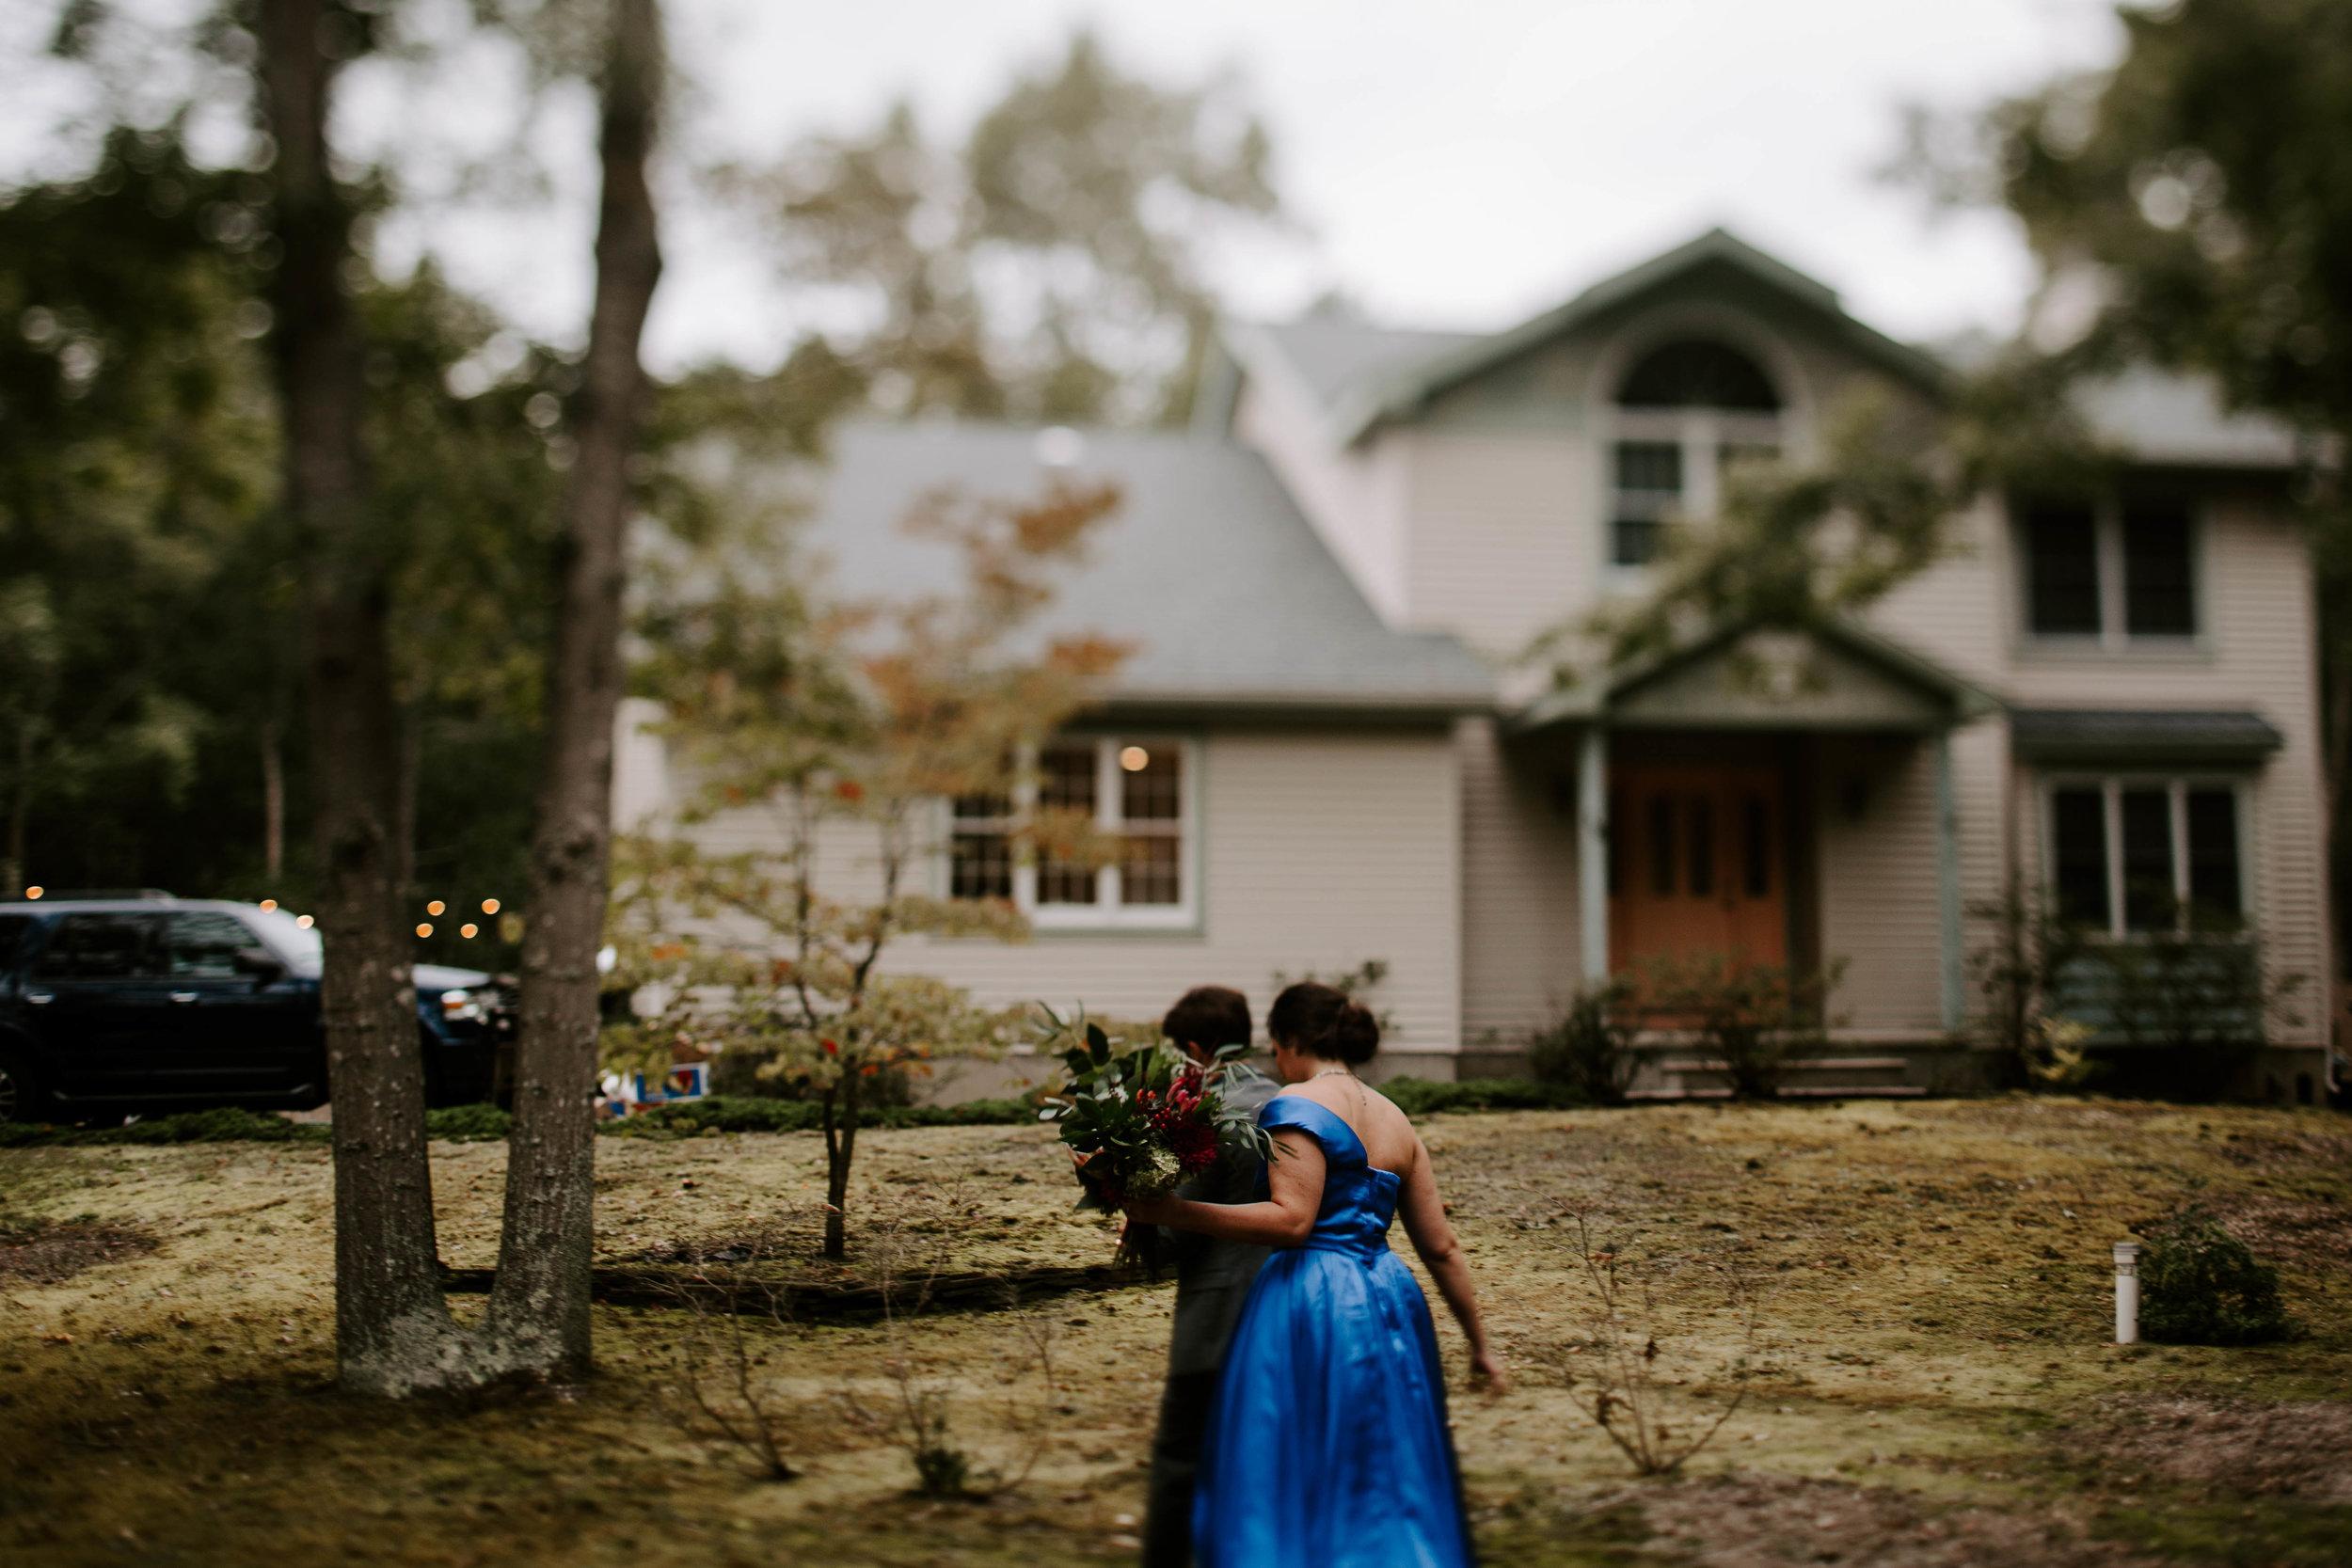 norah-bill-new-jersey-backyard-wedding-5322.jpg